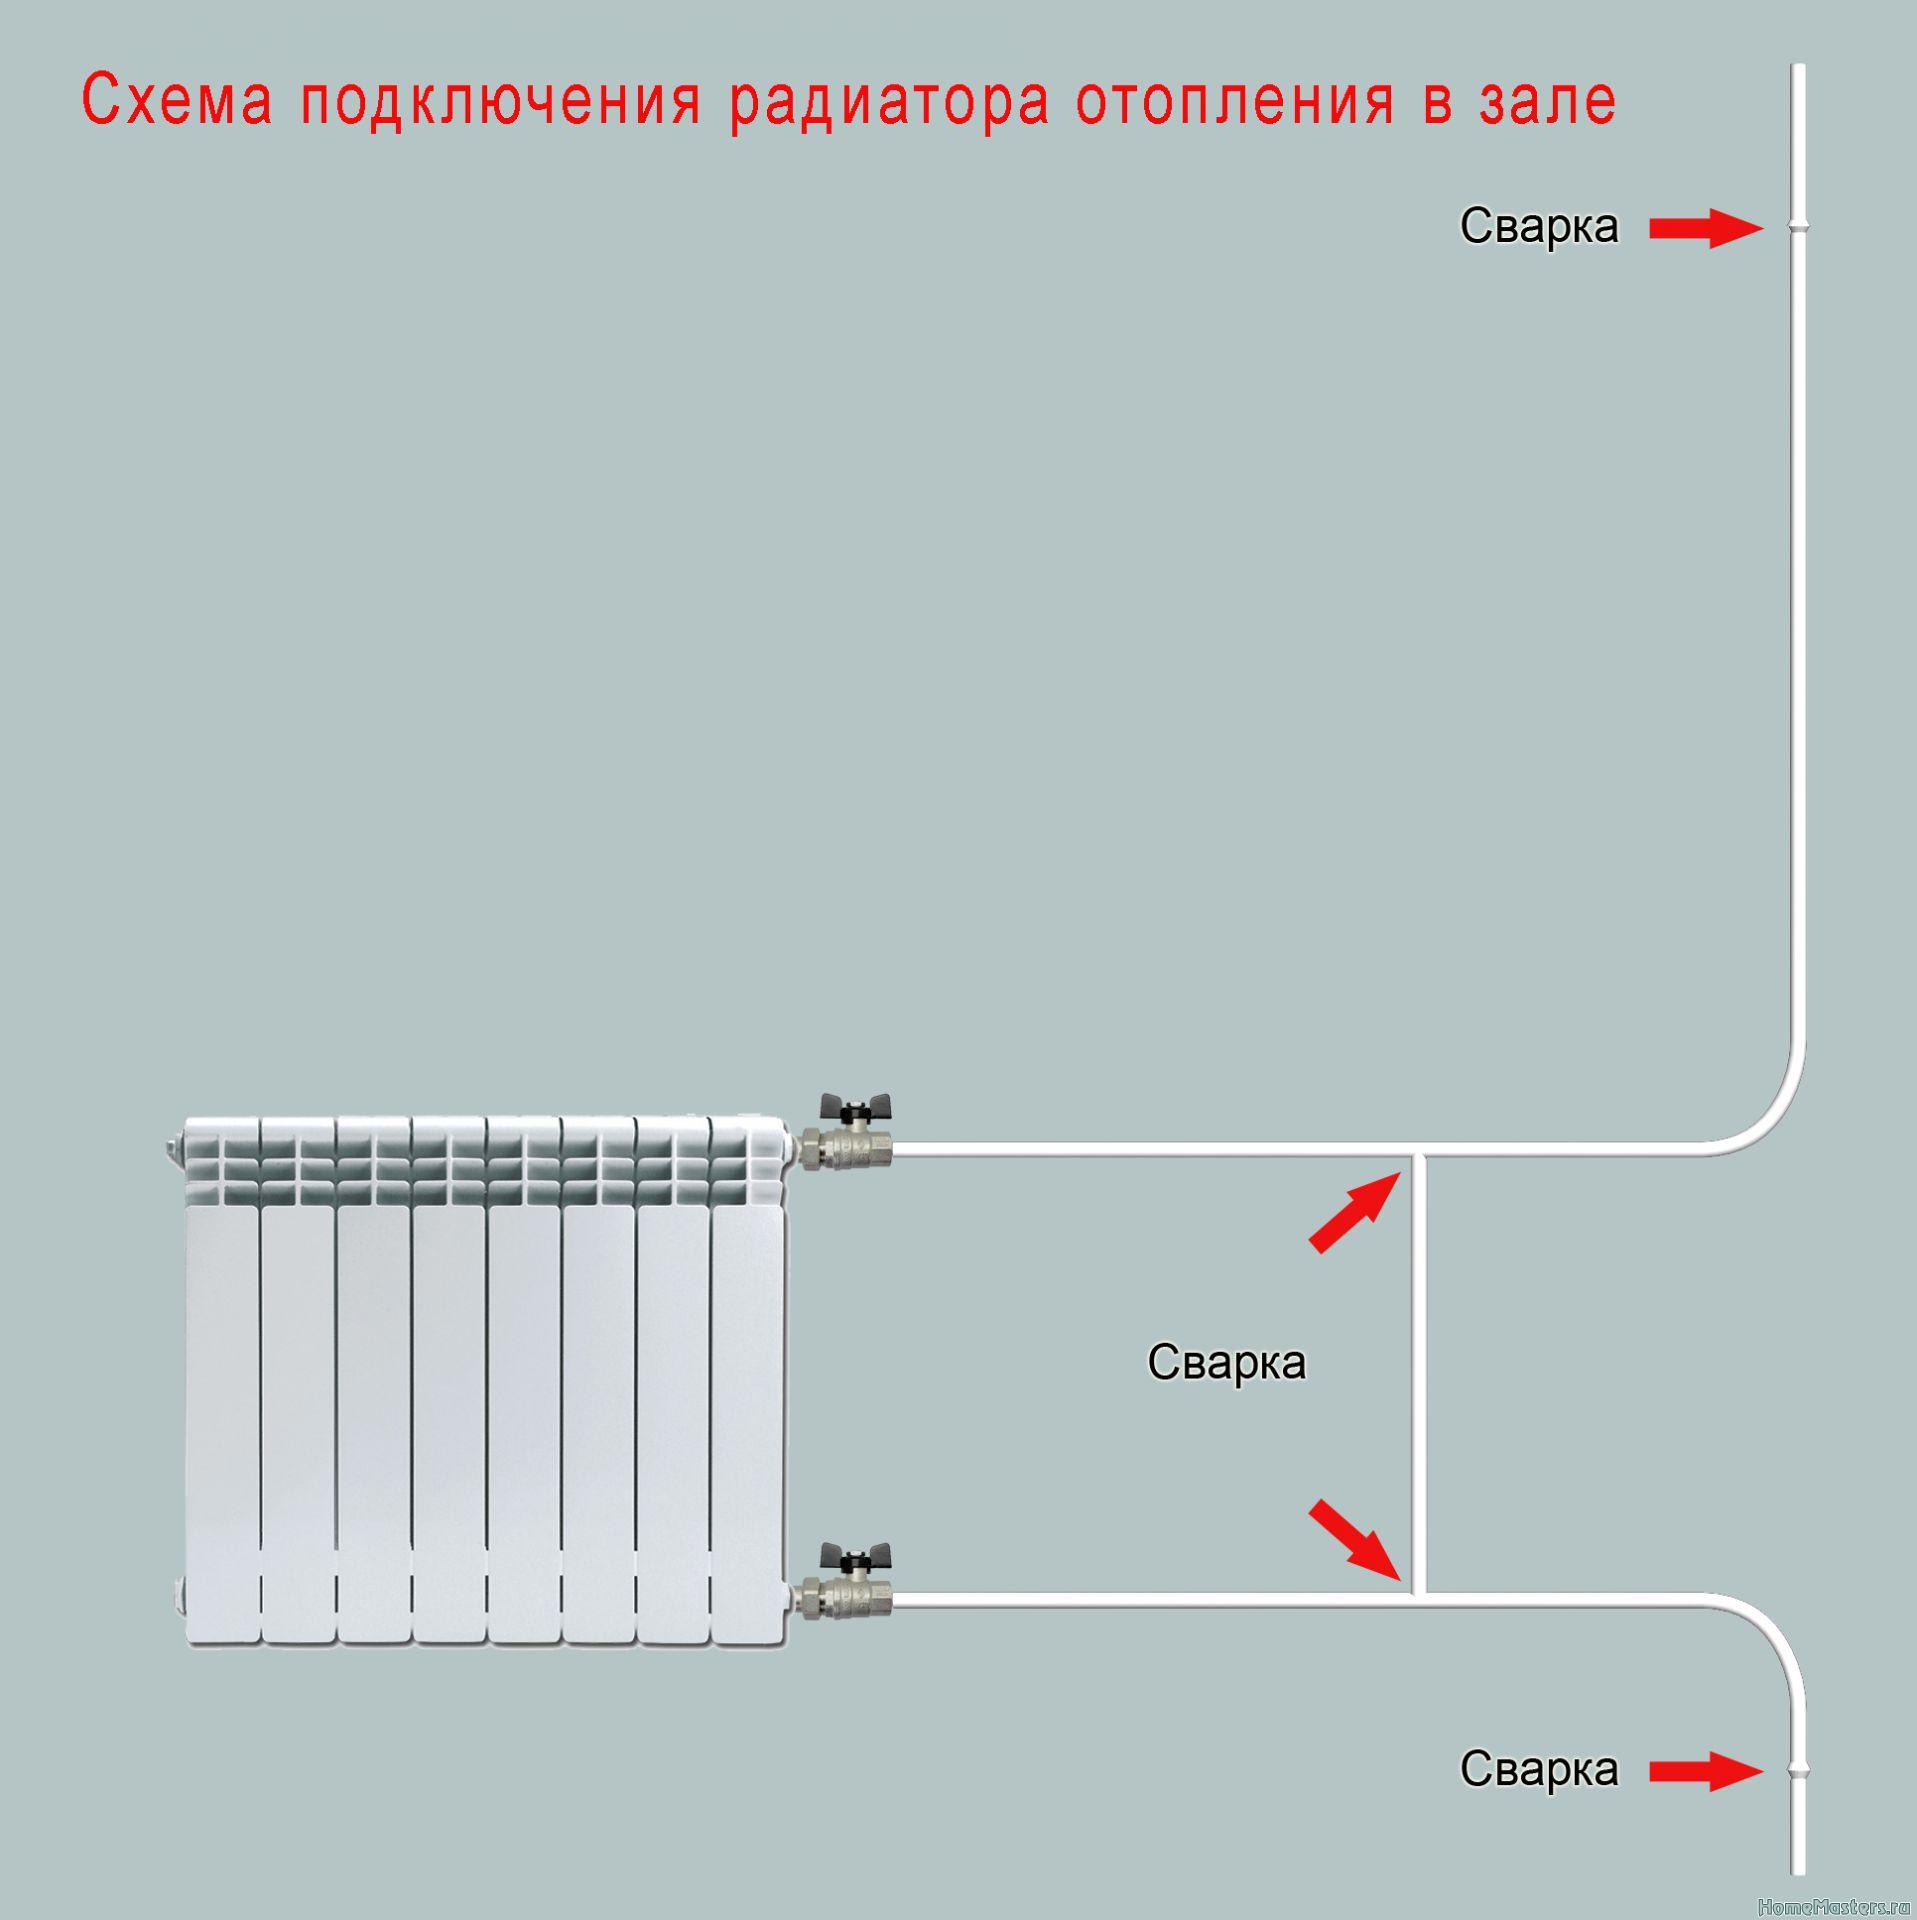 Как правильно подключить радиаторы отопления схема